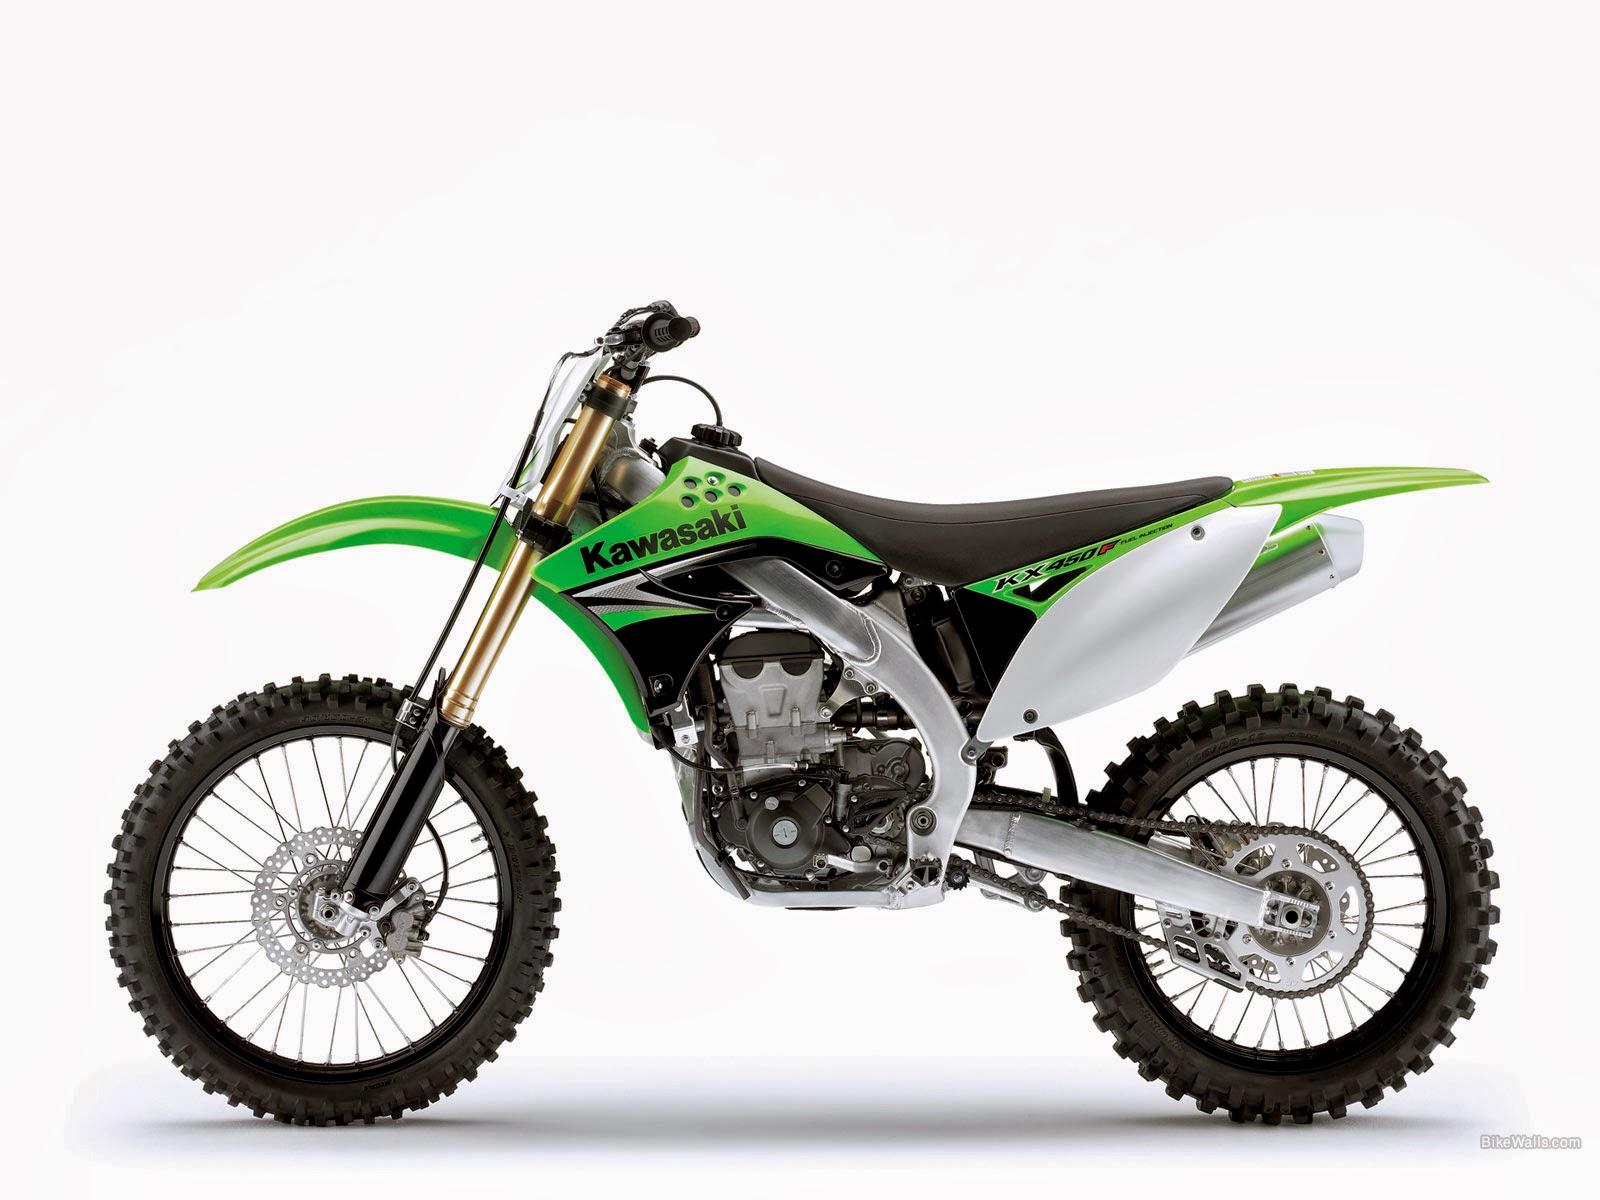 Kawasaki Kx 450 F Kawasaki Motor